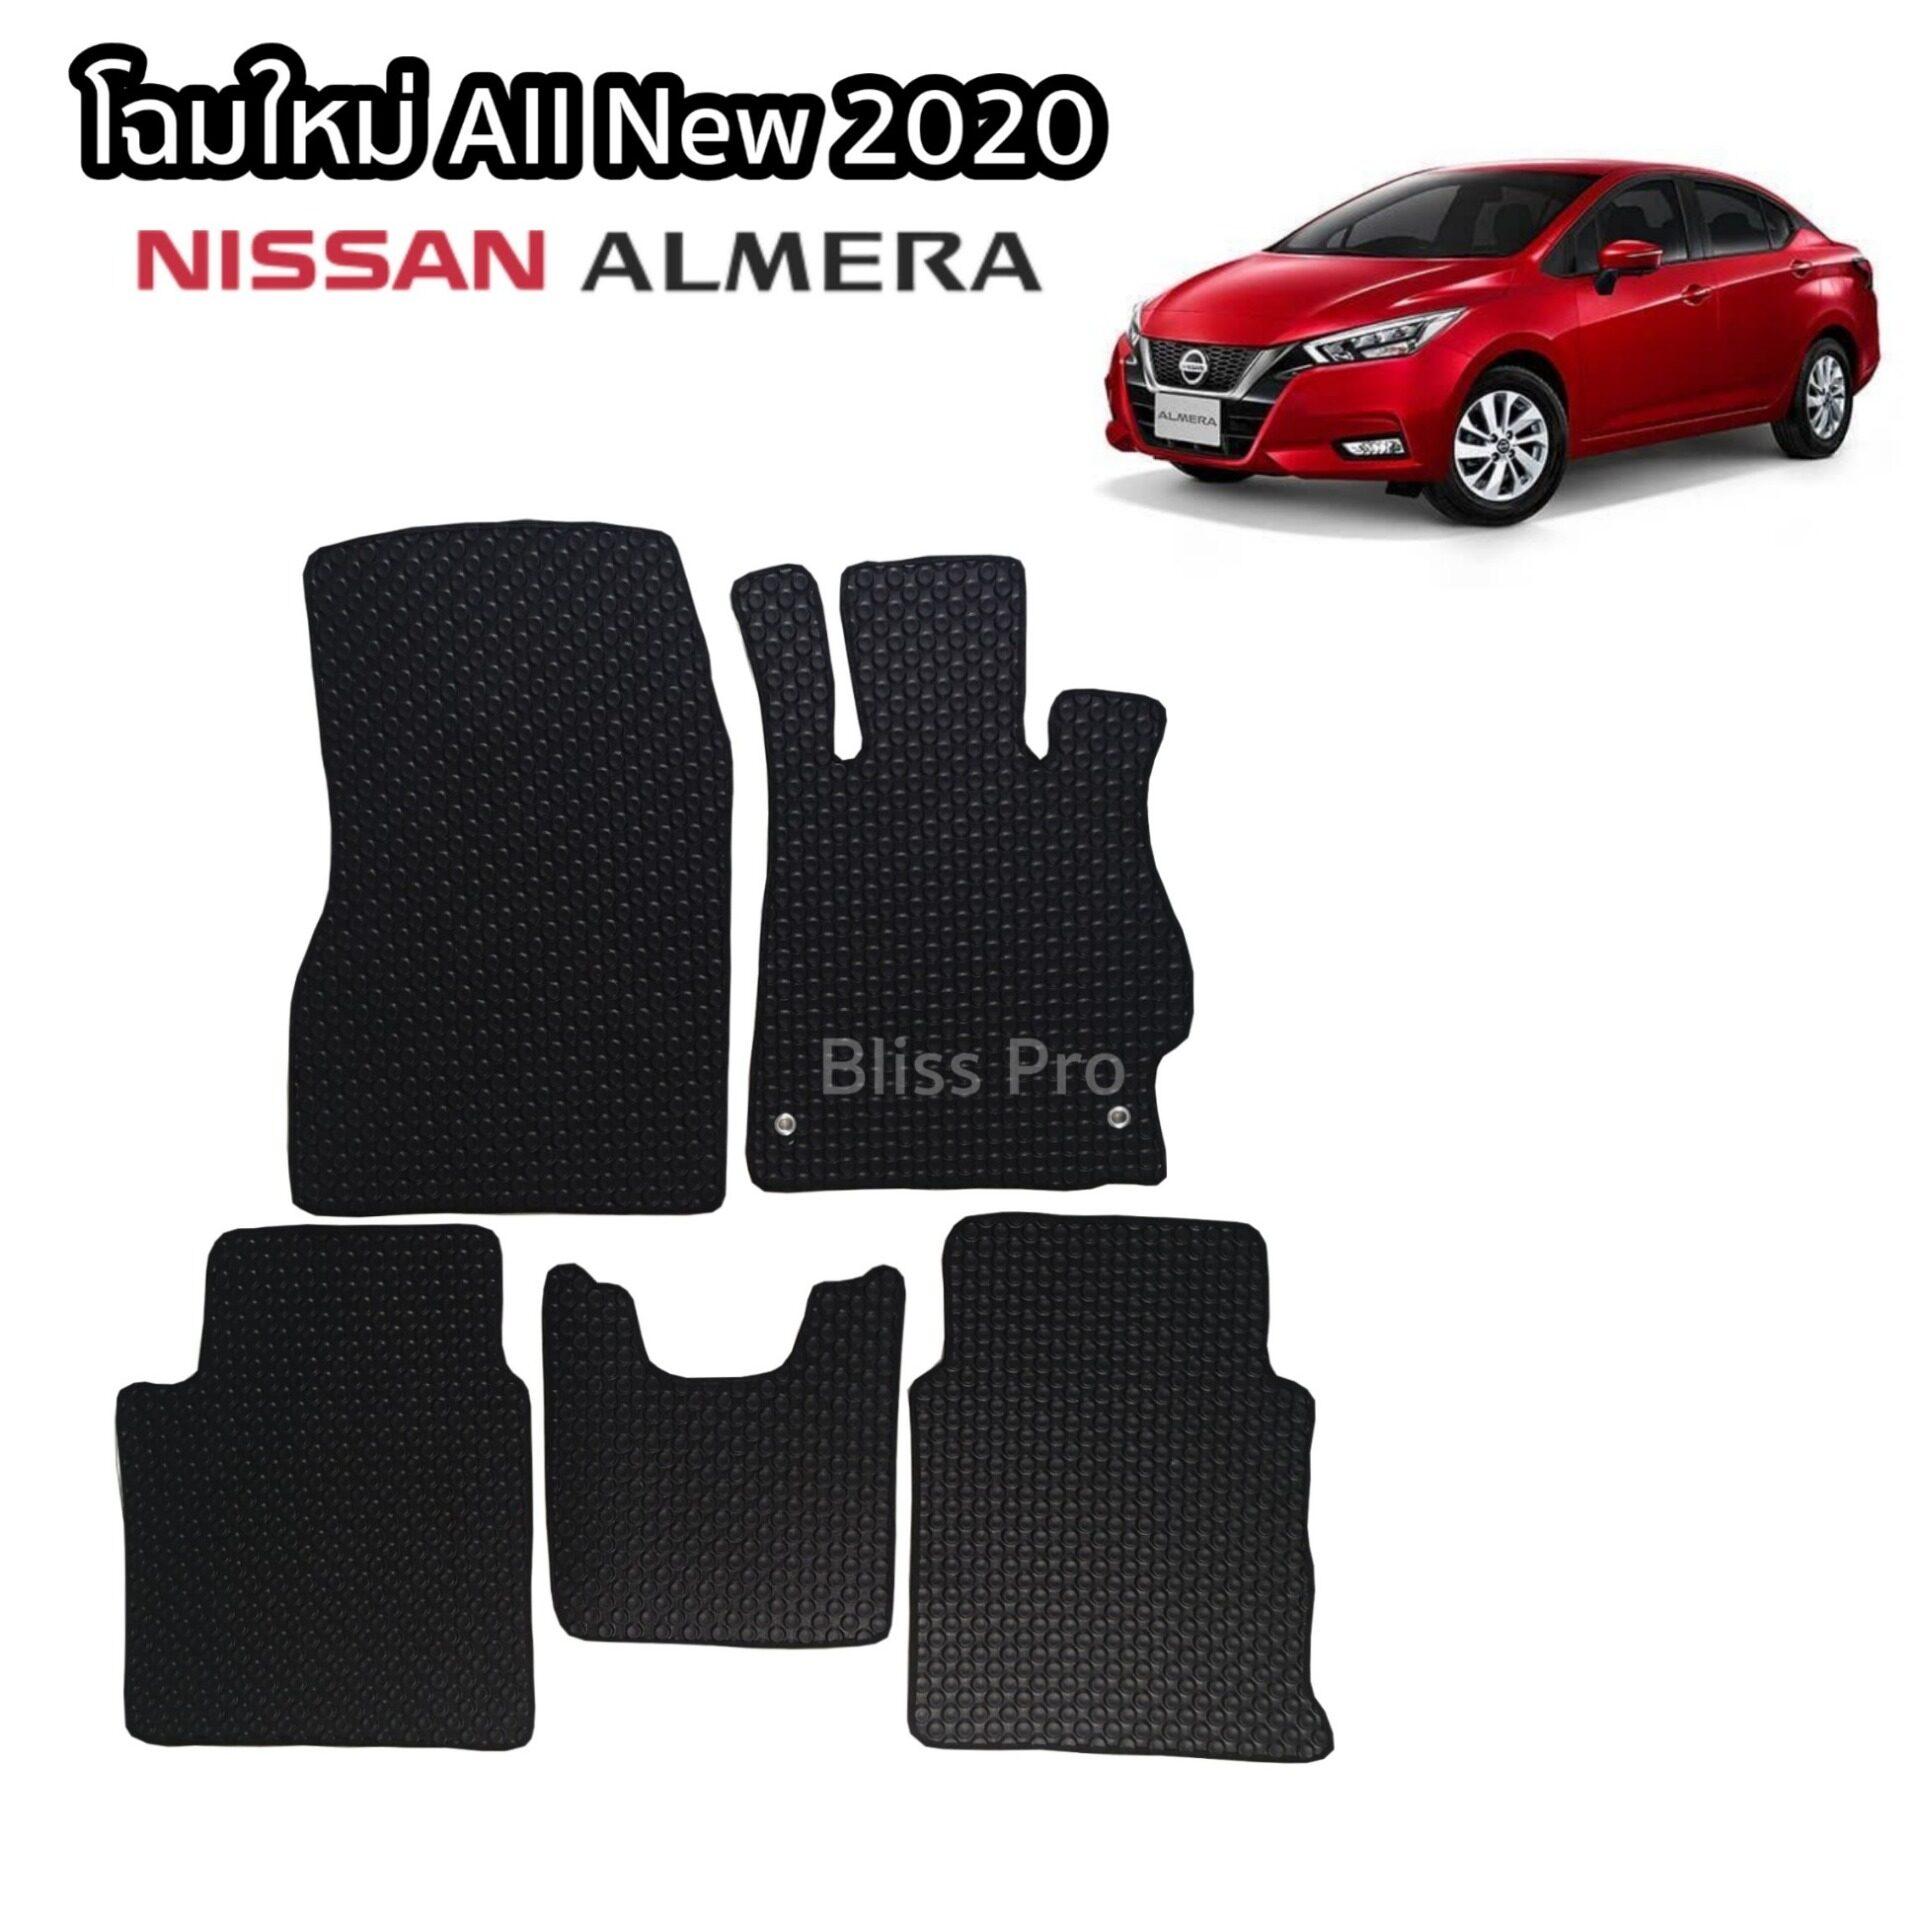 ชุดพรมกระดุมเข้ารูปรถยนต์ All New Nissan Almera 2020.